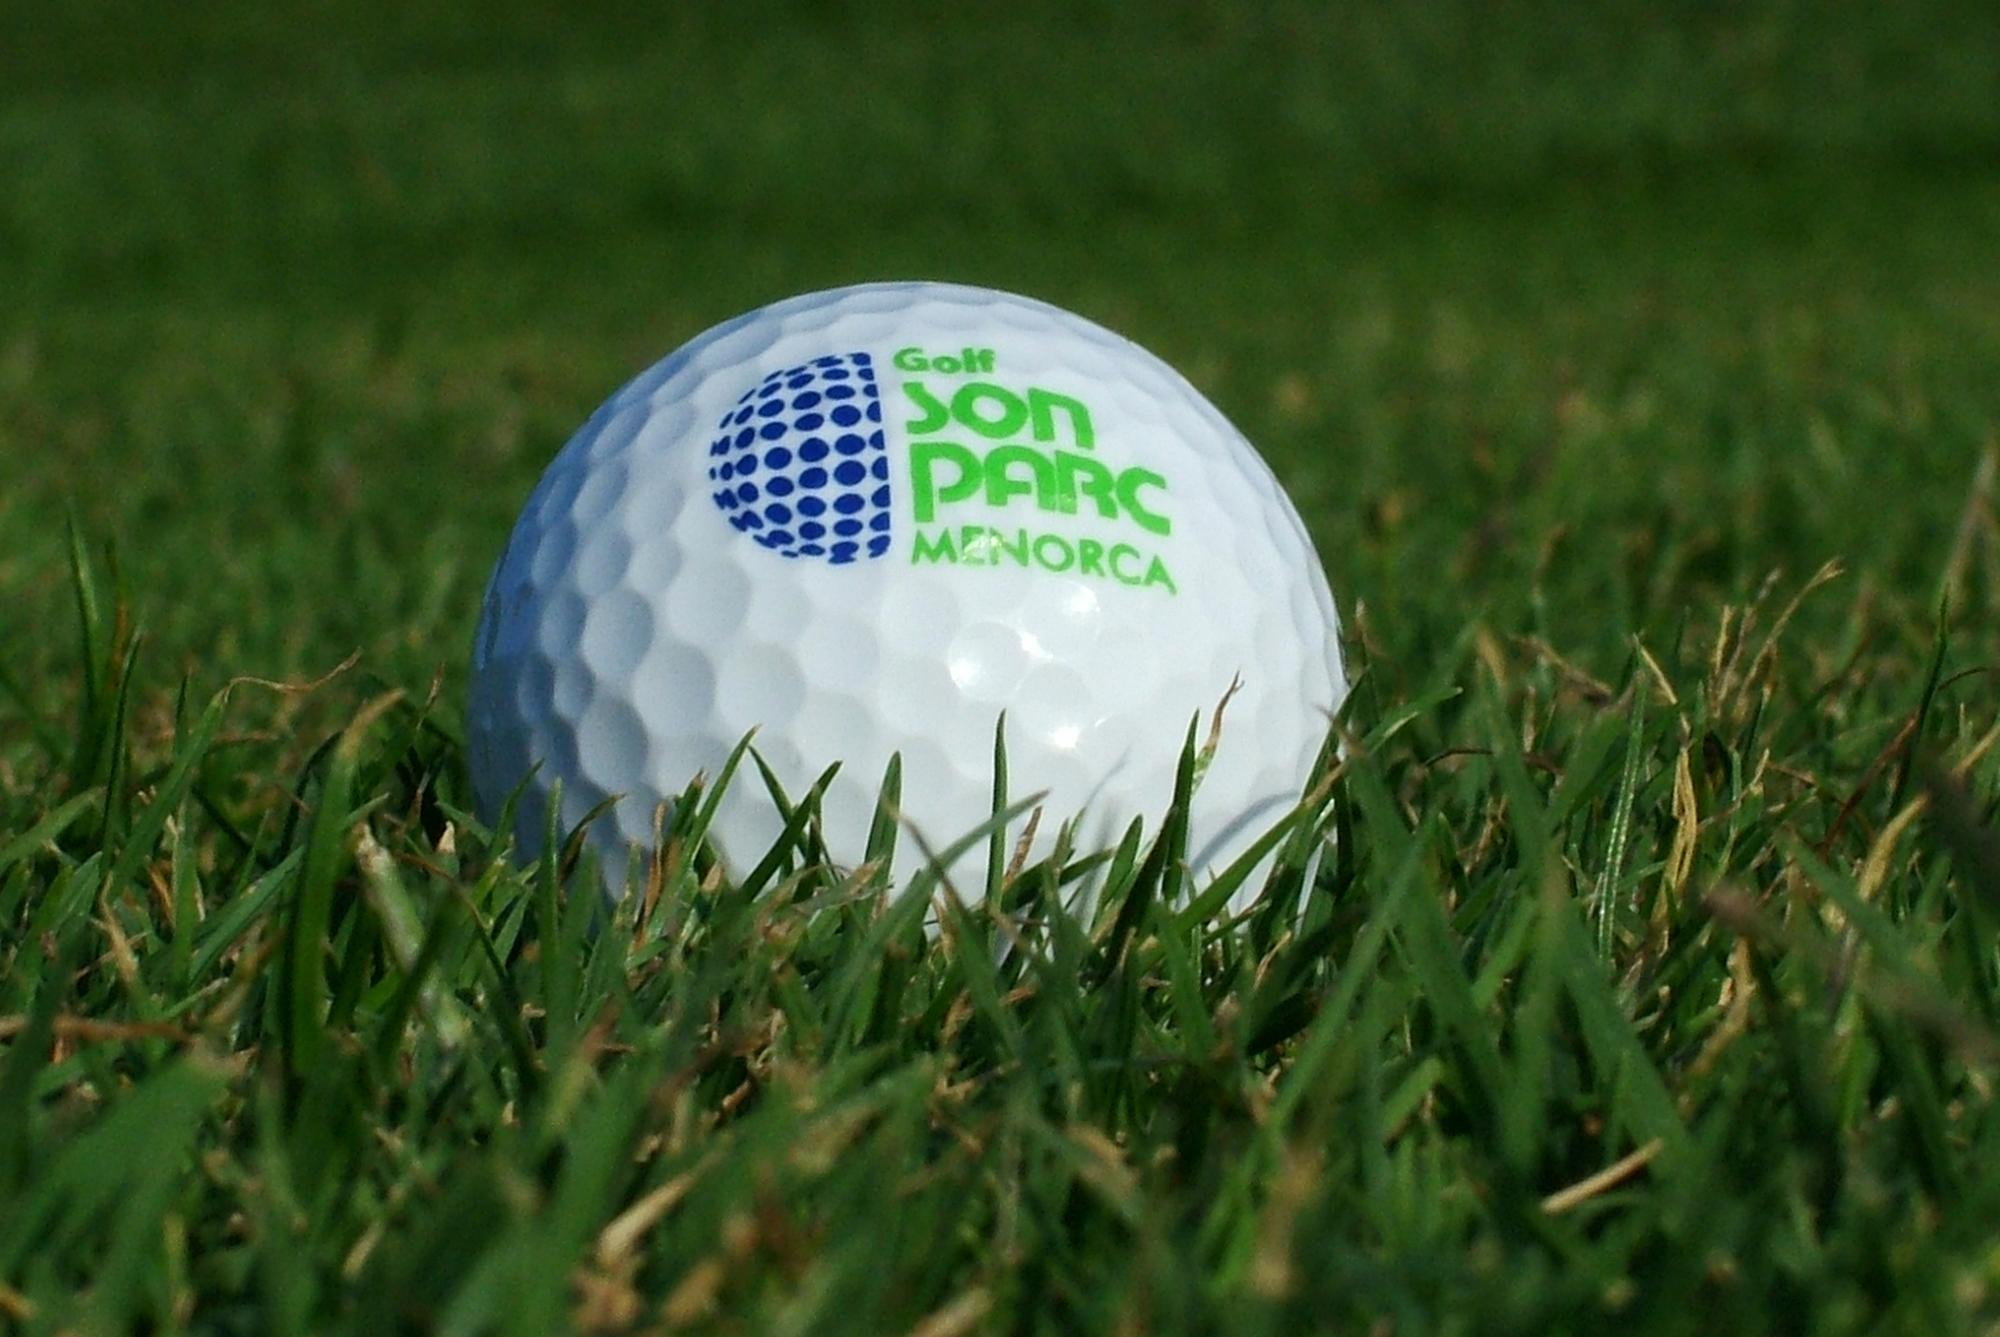 Golf Son Parc_2000x1337px